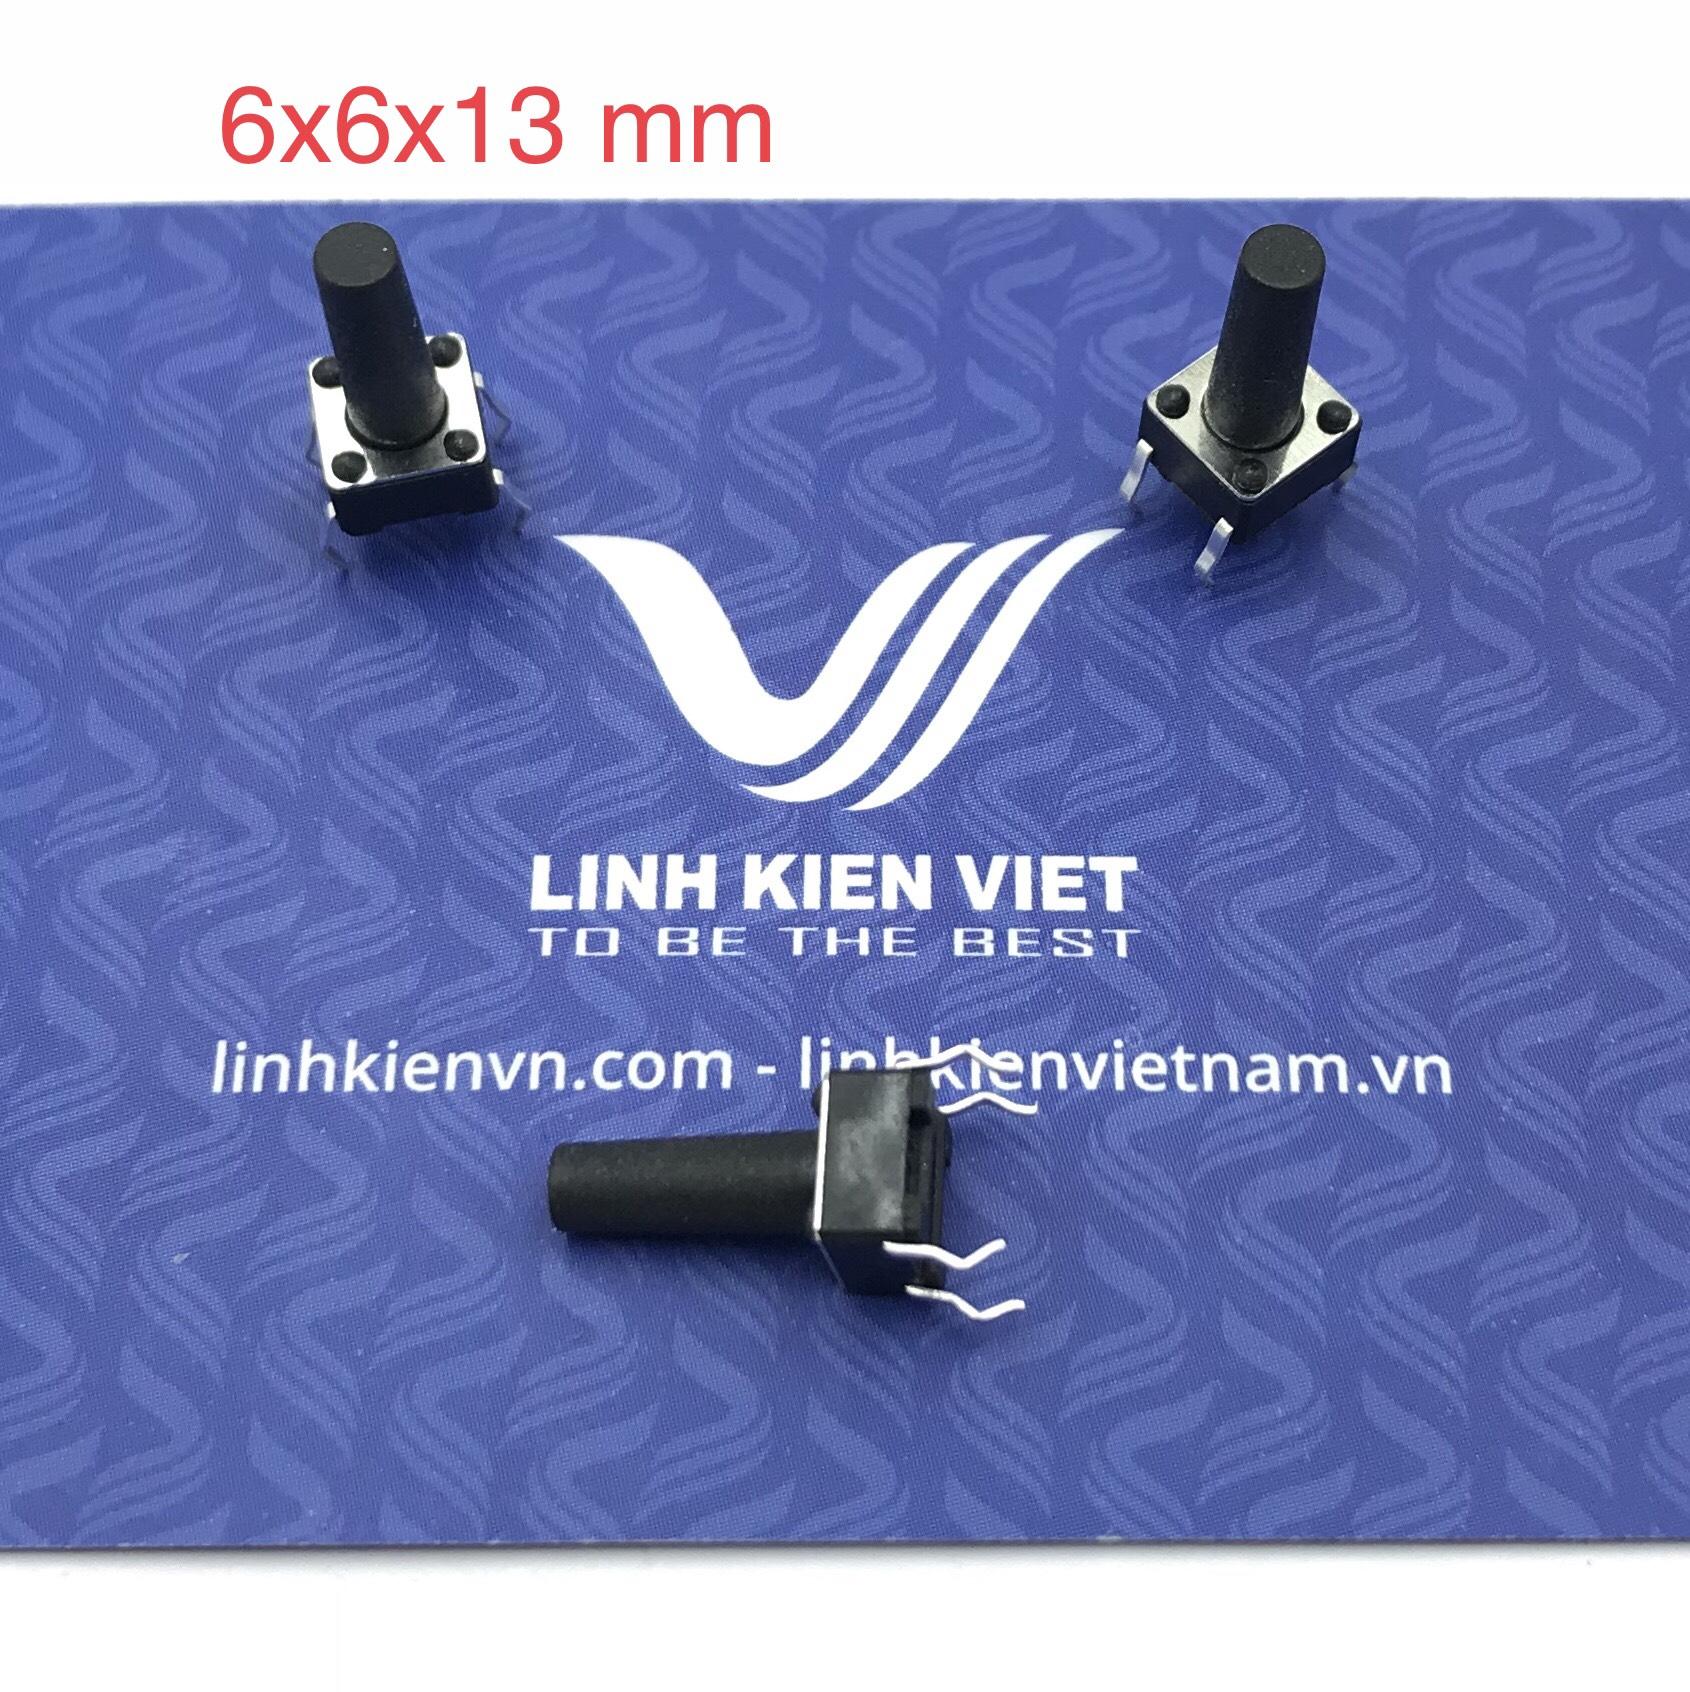 Nút nhấn 4 chân 6x6x13 mm cắm - J5H21